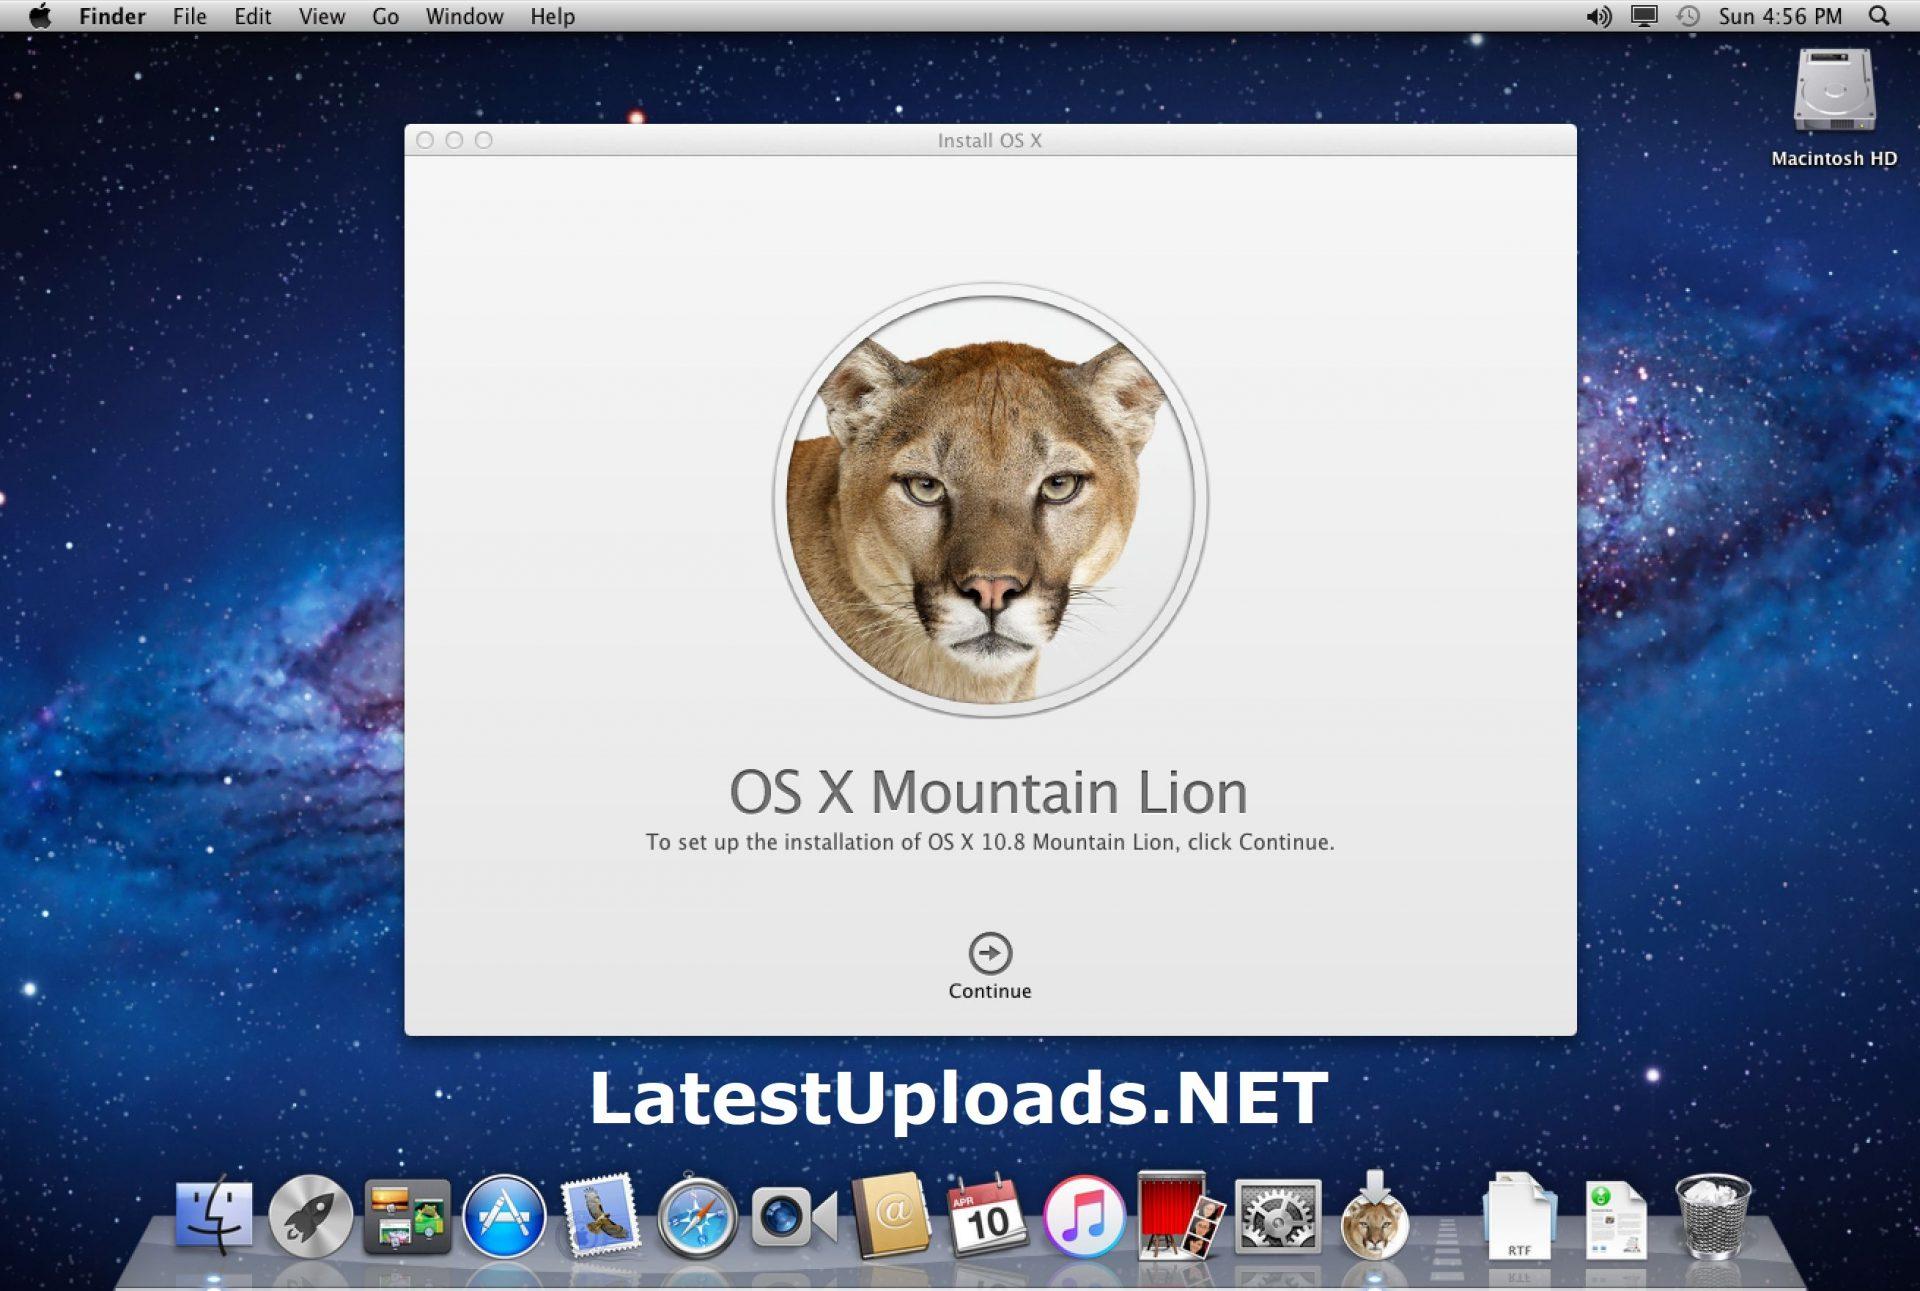 OS X Mountain Lion Crack, OS X Mountain Lion Download, MAC OS X Mountain Lion DMG Download, MAC OS X Mountain Lion DMG 10.8 Download